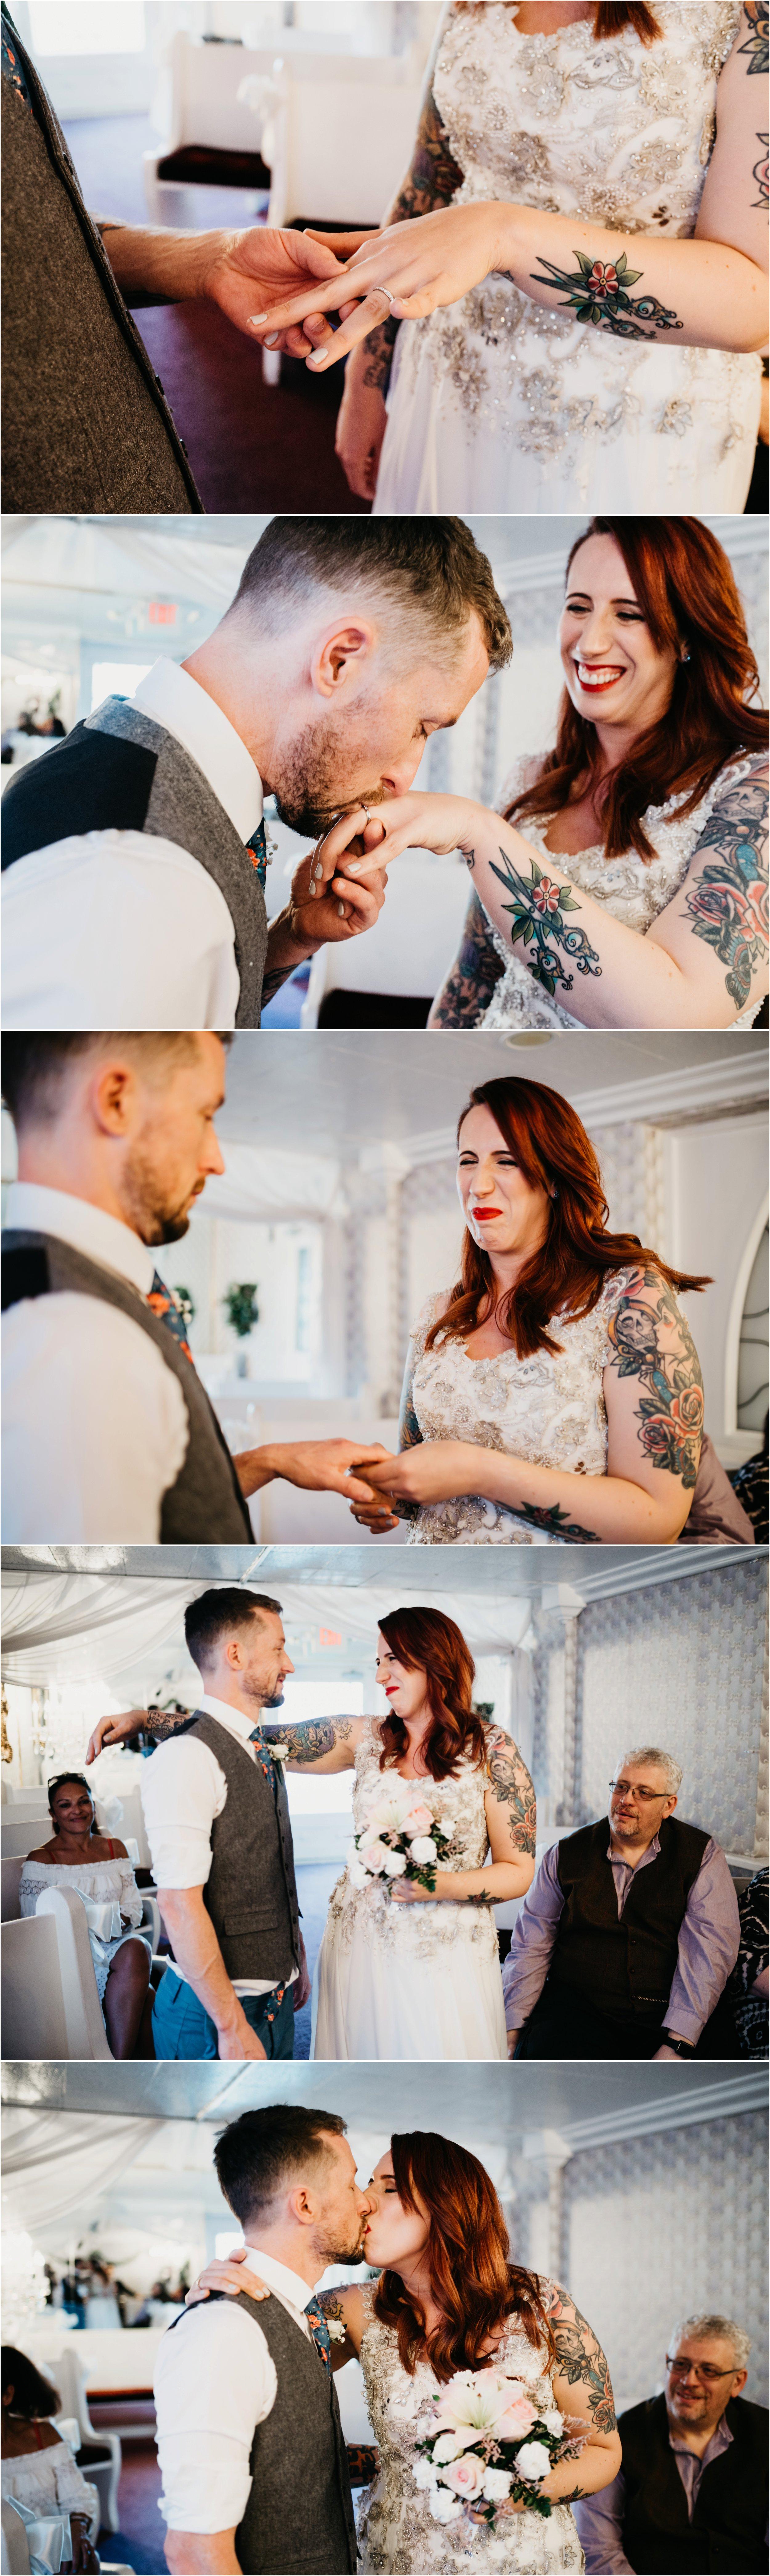 Vegas elopement destination wedding photographer_0092.jpg